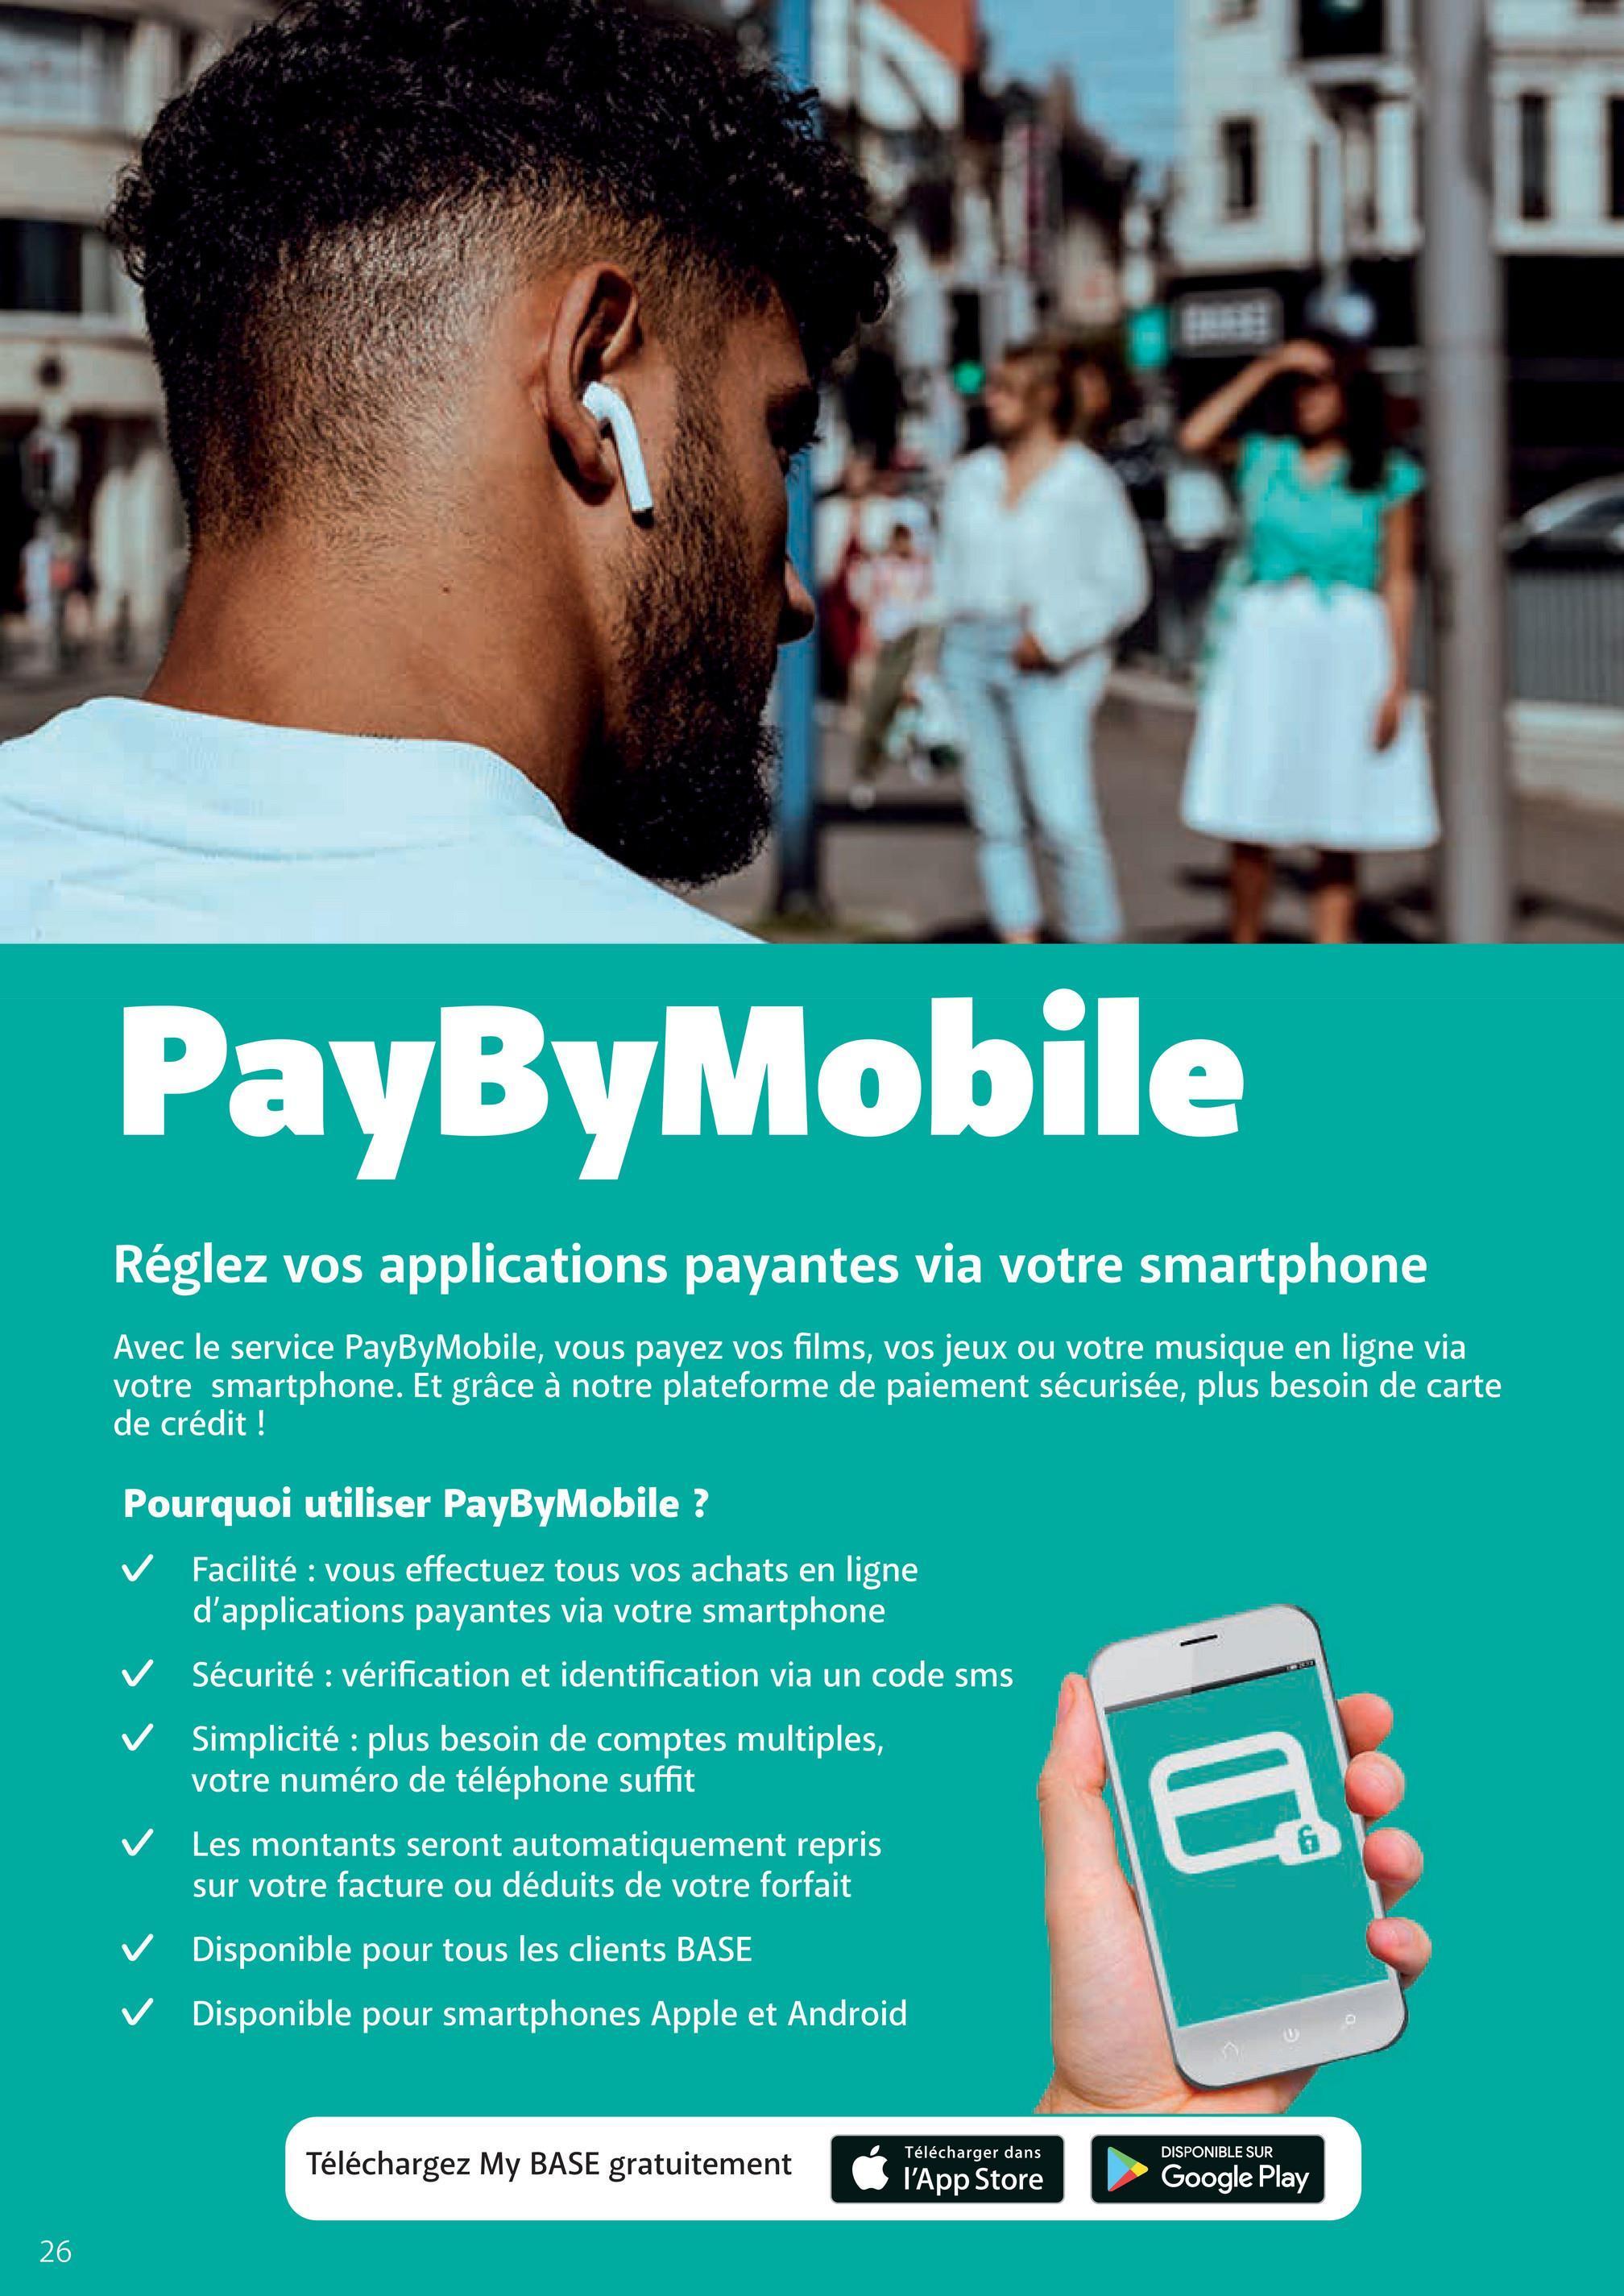 PayByMobile Réglez vos applications payantes via votre smartphone Avec le service PayByMobile, vous payez vos films, vos jeux ou votre musique en ligne via votre smartphone. Et grâce à notre plateforme de paiement sécurisée, plus besoin de carte de crédit ! Pourquoi utiliser PayByMobile ? ✓ Facilité : vous effectuez tous vos achats en ligne d'applications payantes via votre smartphone Sécurité : vérification et identification via un code sms Simplicité : plus besoin de comptes multiples, votre numéro de téléphone suffit Les montants seront automatiquement repris sur votre facture ou déduits de votre forfait ✓ Disponible pour tous les clients BASE Disponible pour smartphones Apple et Android DISPONIBLE SUR Téléchargez My BASE gratuitement Télécharger dans l'App Store Google Play